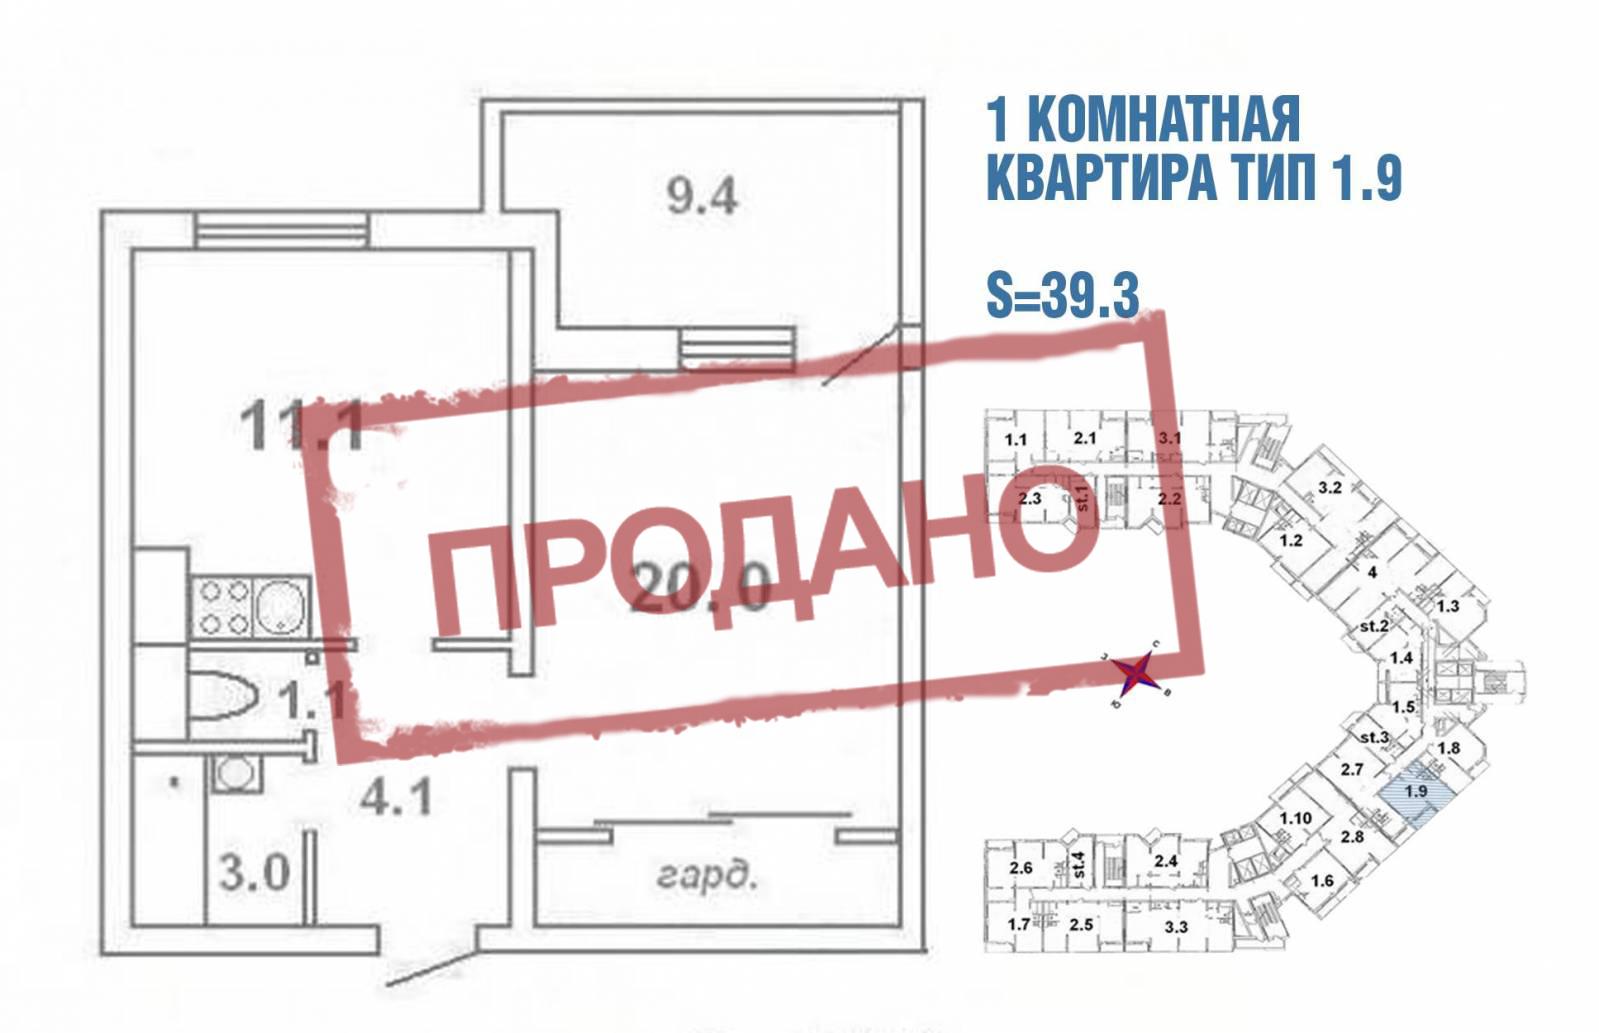 1 комнатная квартира тип 1.9 - 39,3 кв.м.